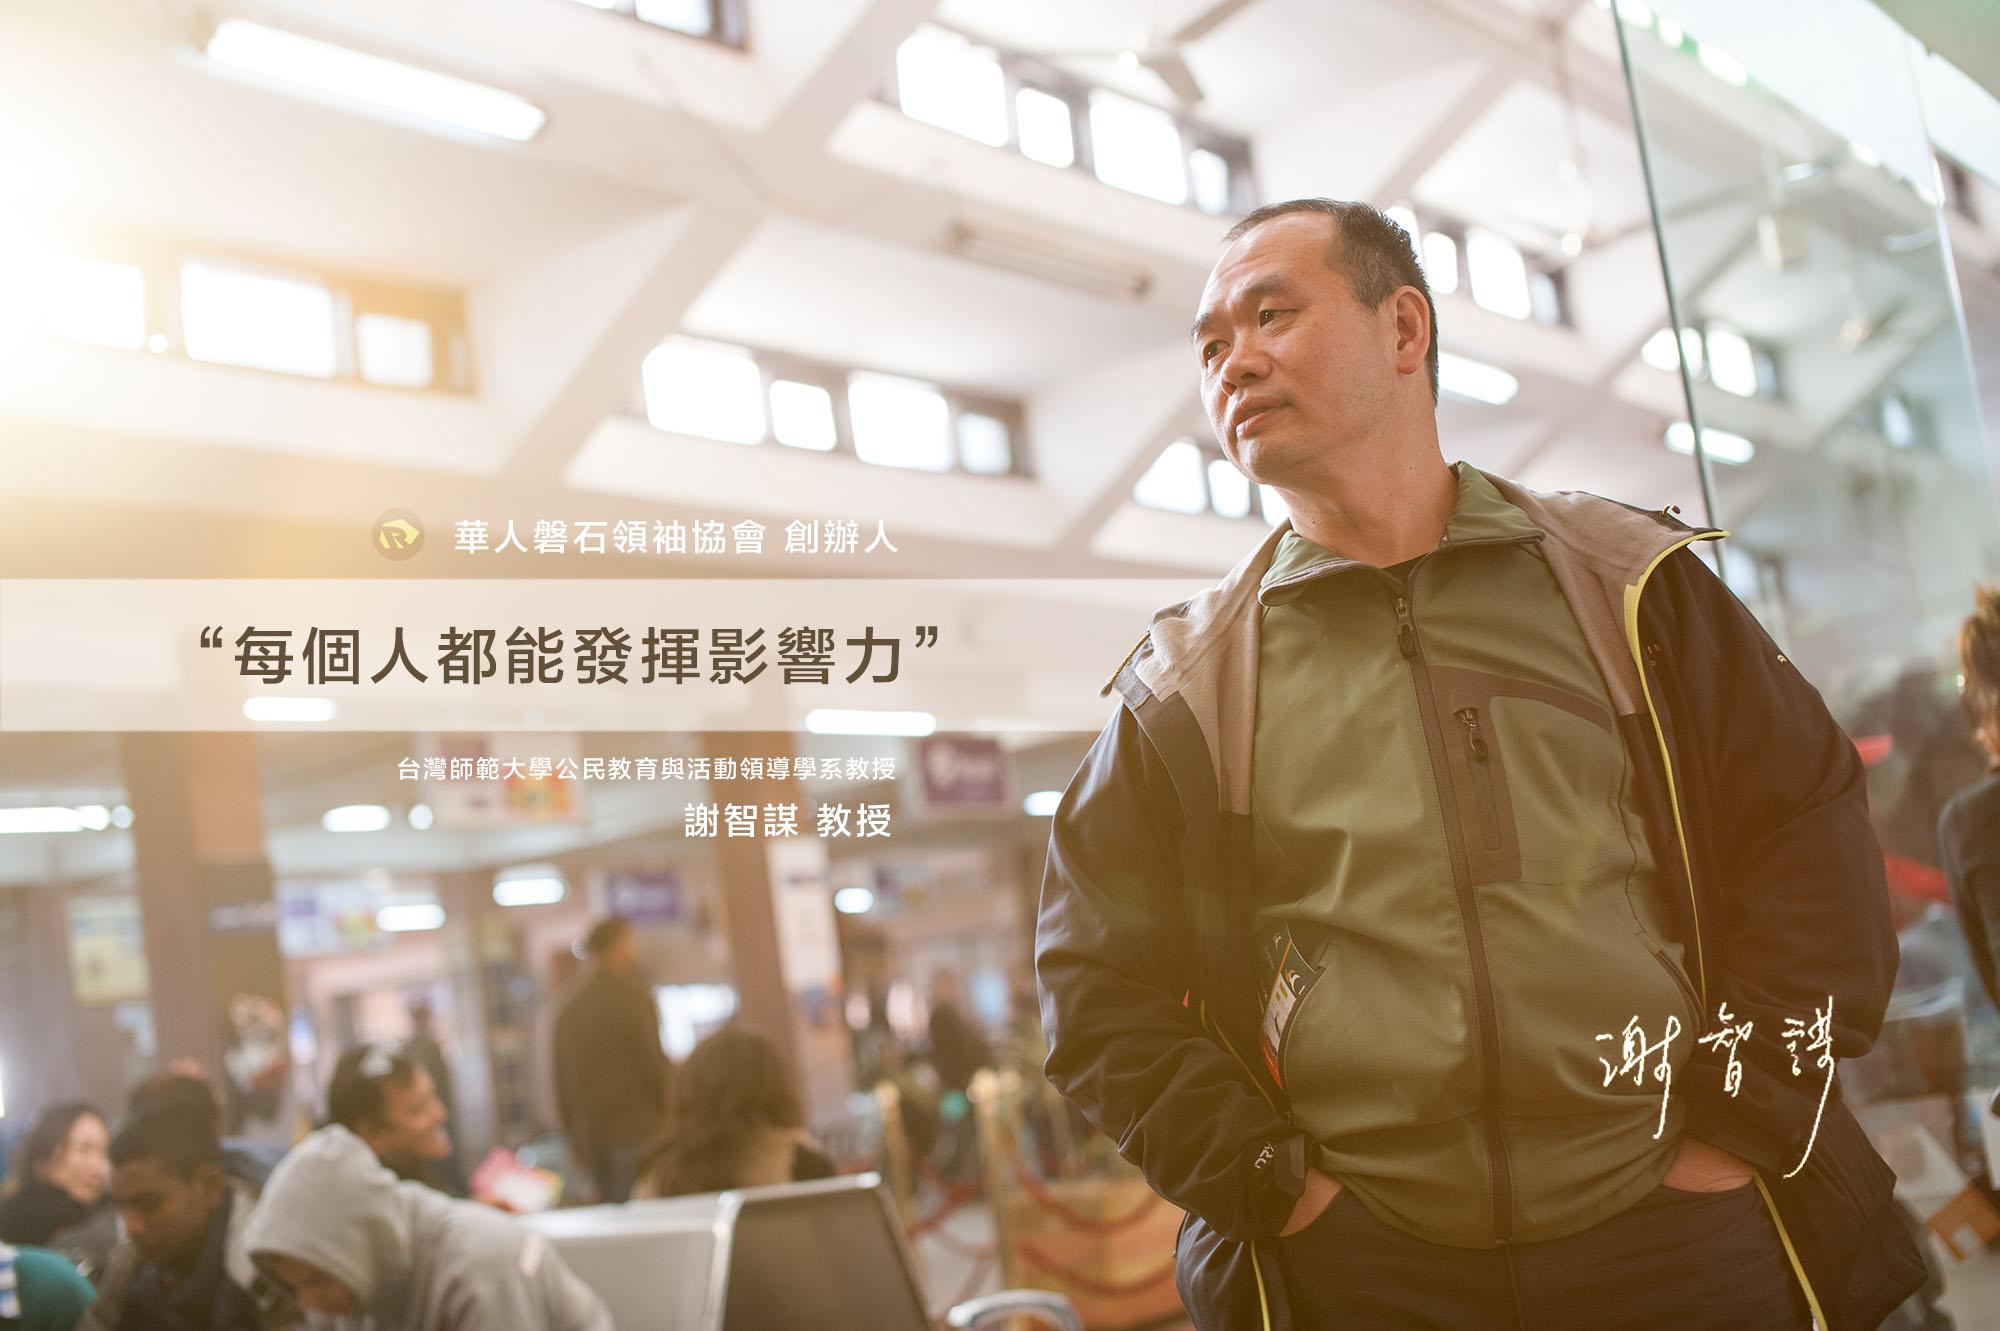 teacher-hsieh-quote